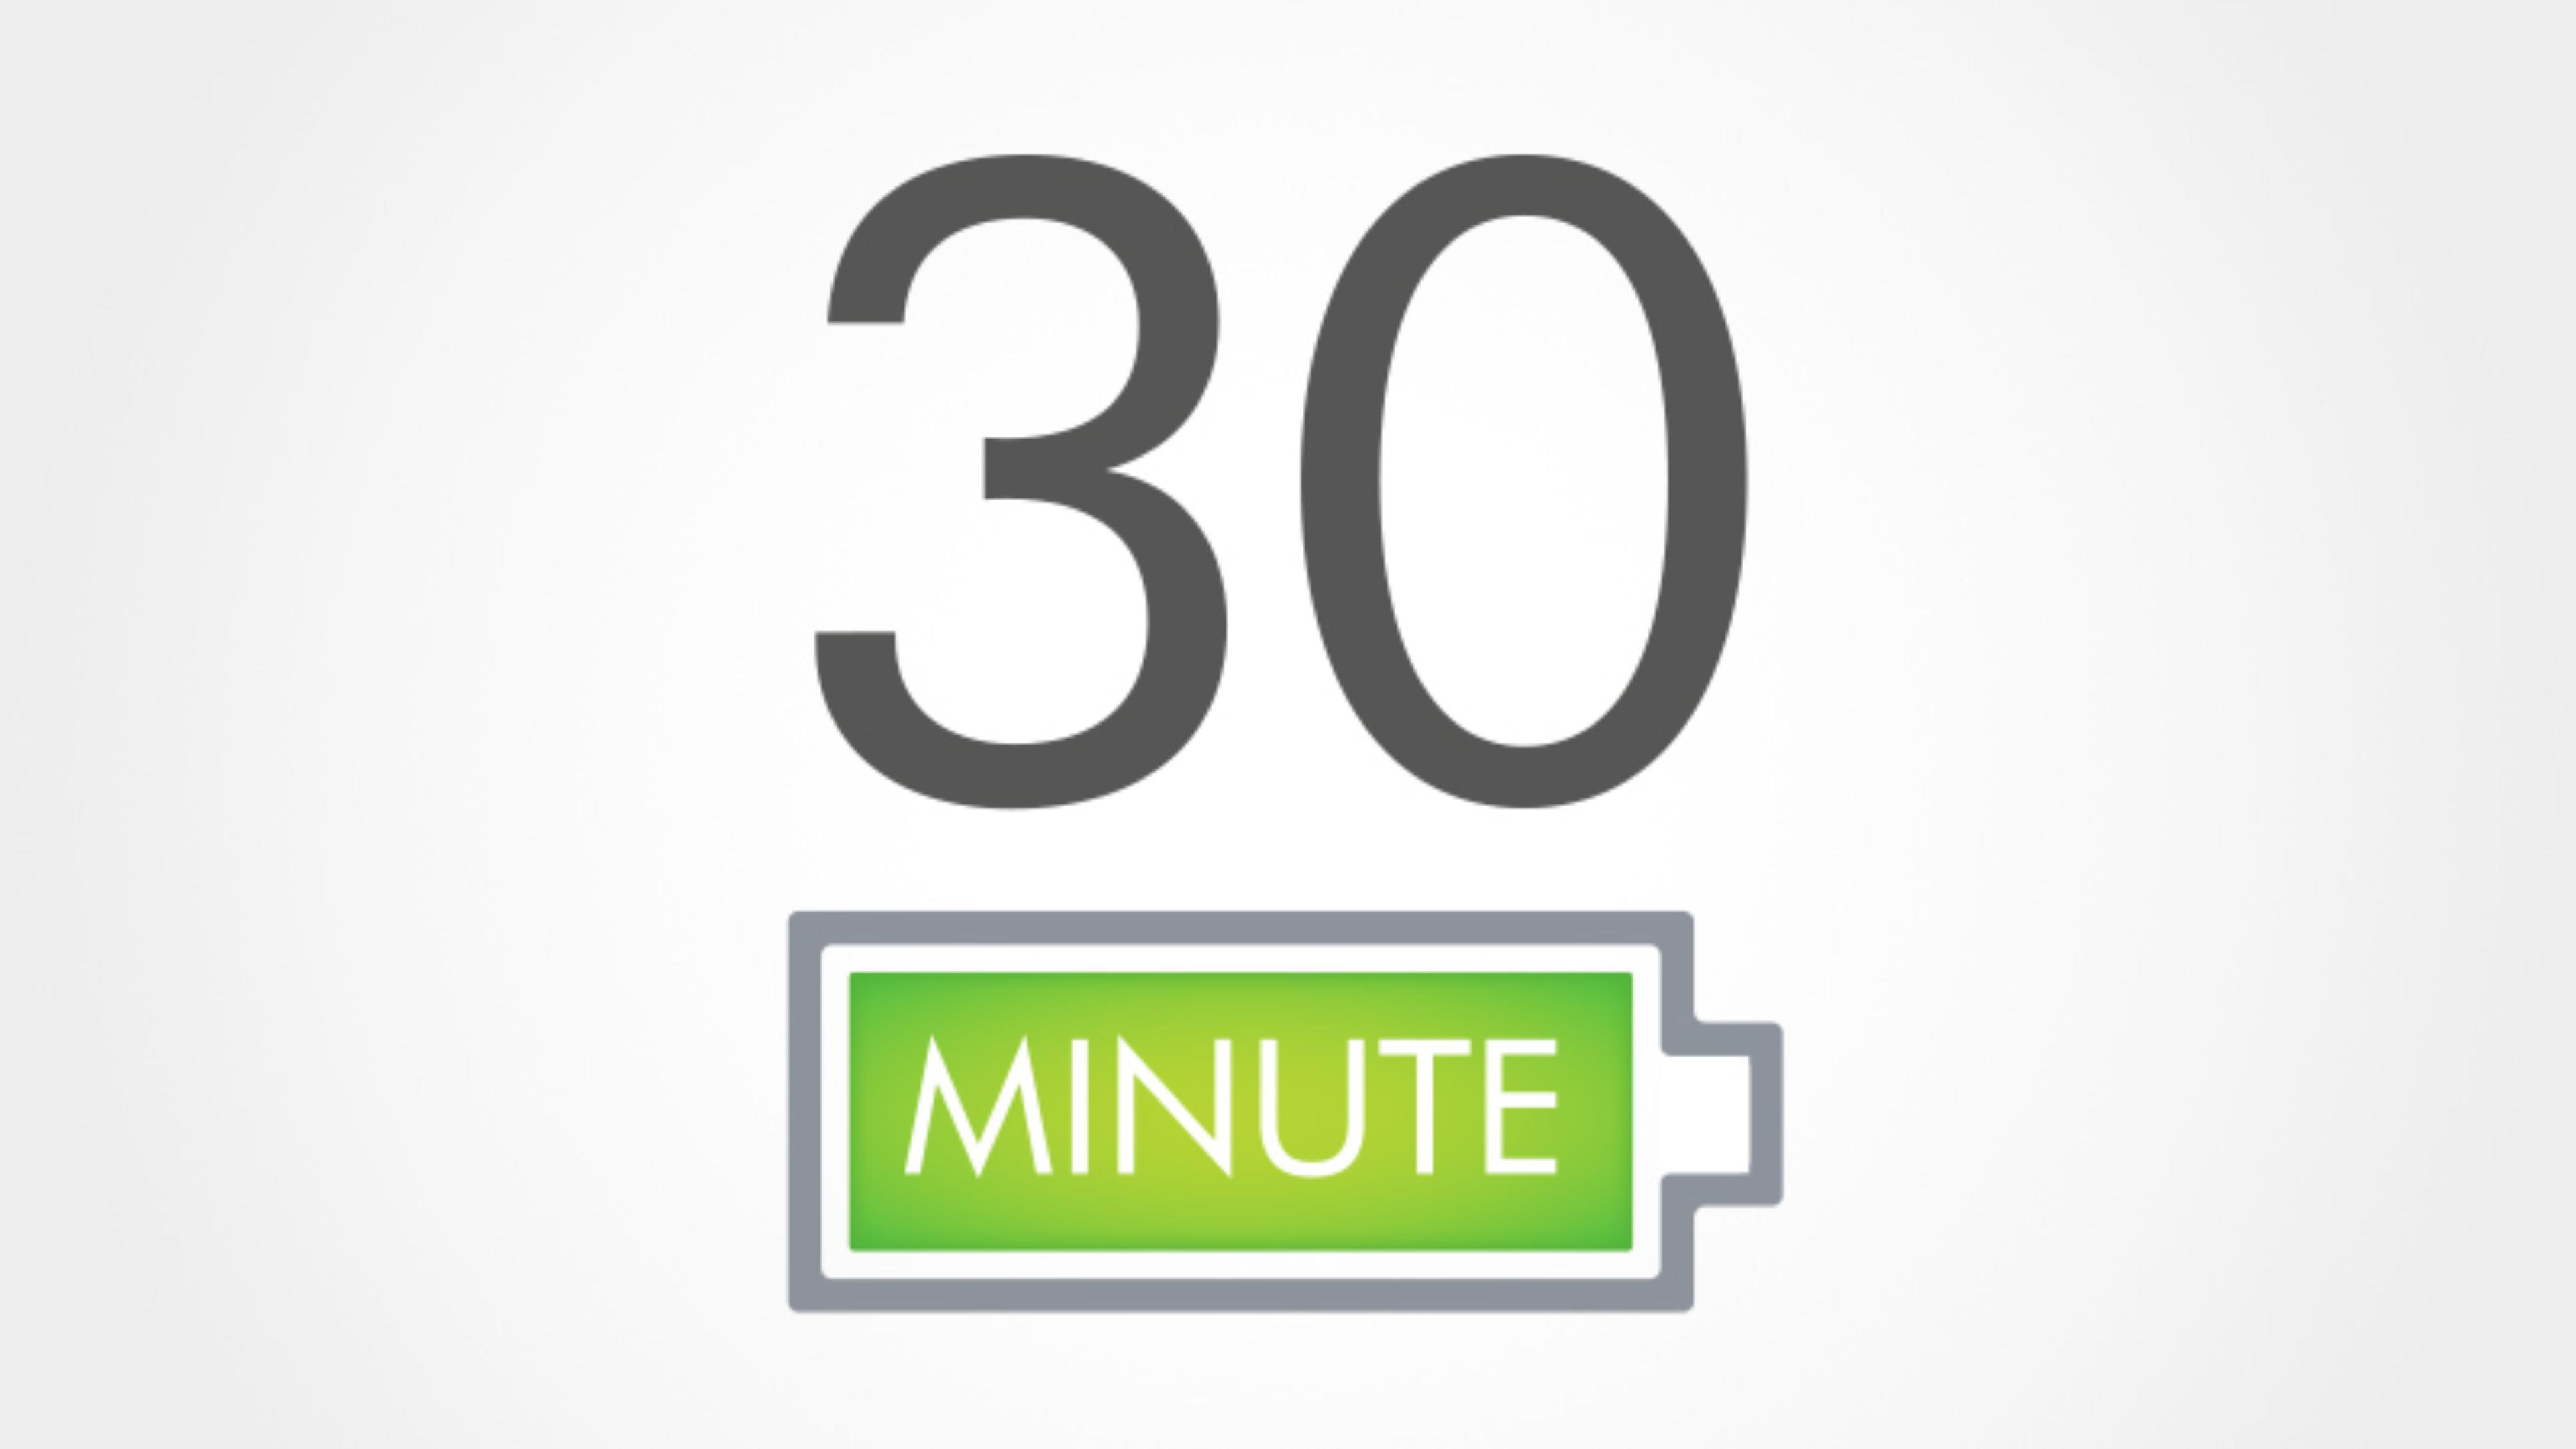 최대 30분까지 변함없는 흡입력.¹